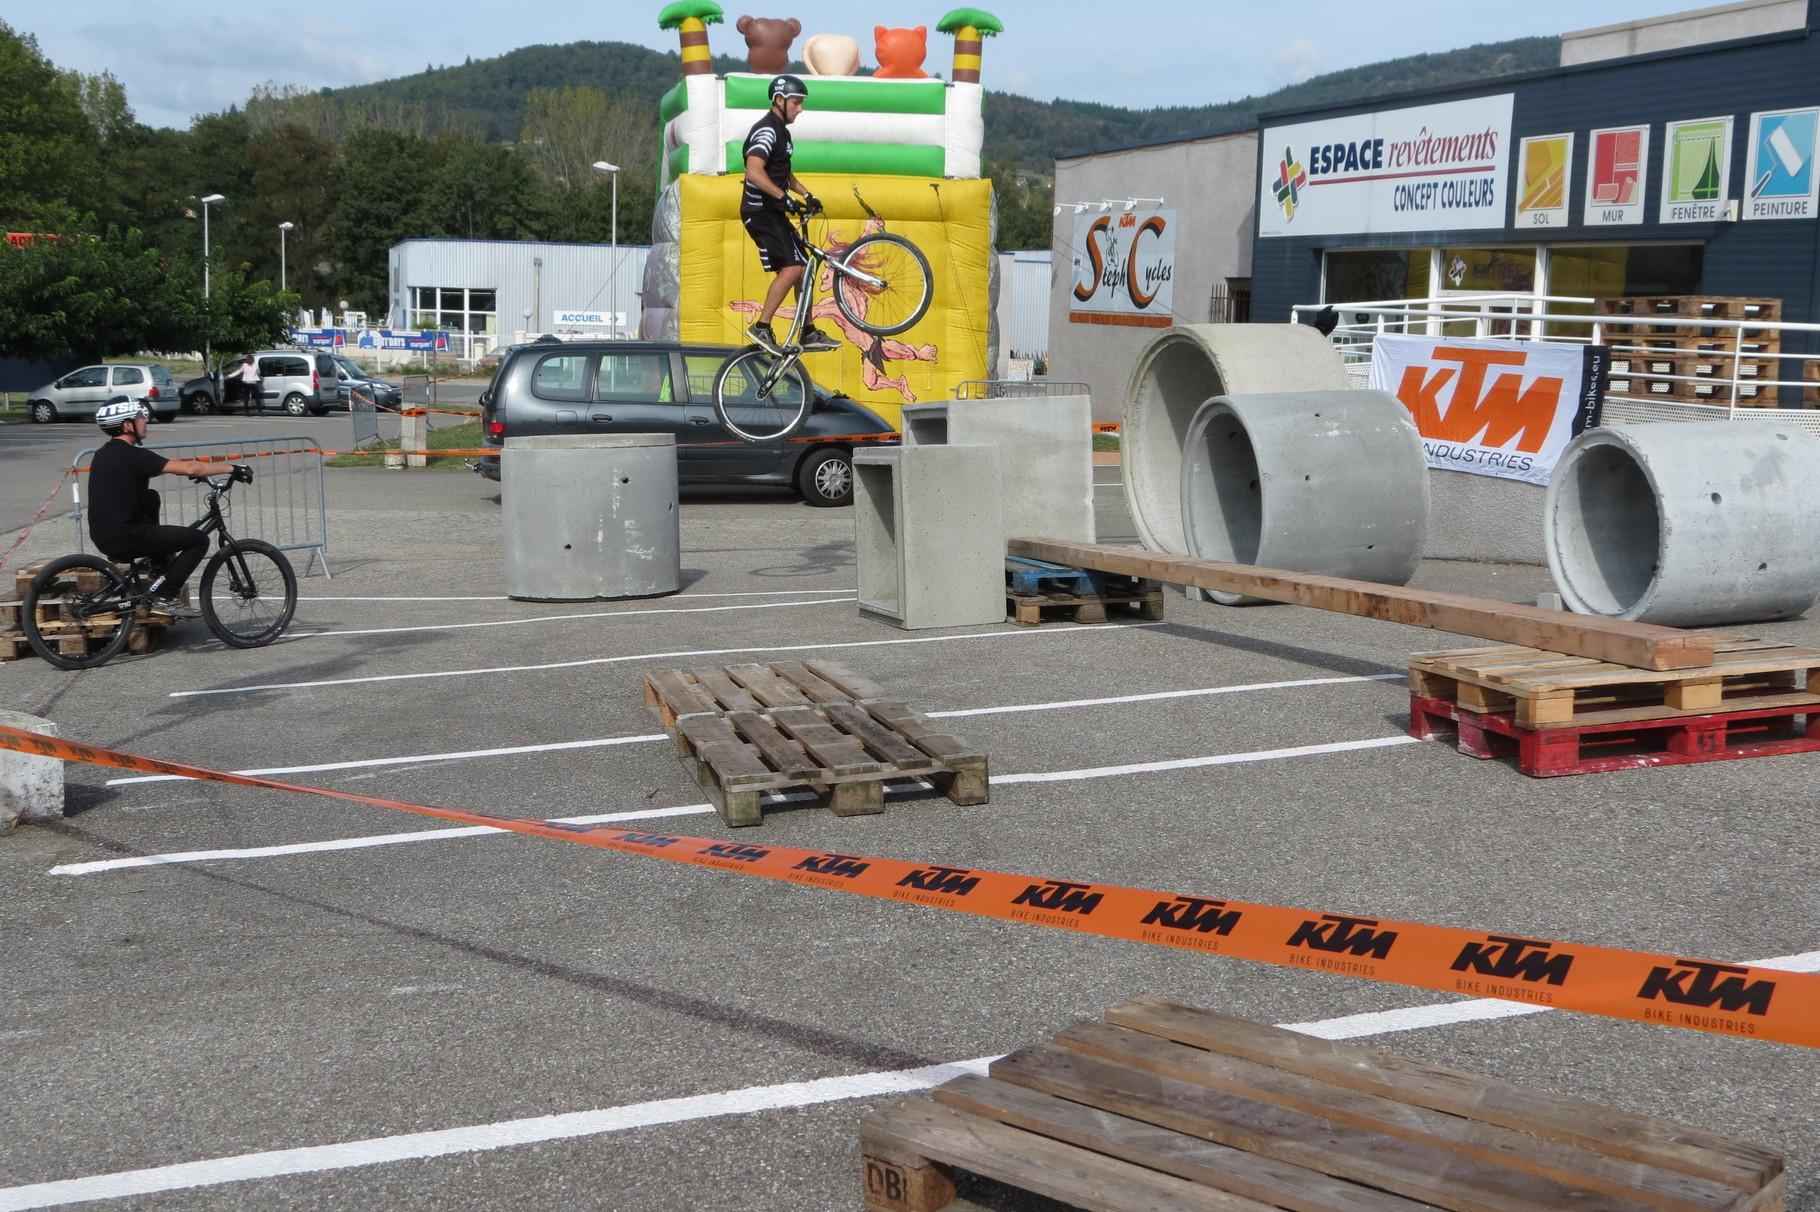 SEPTEMBRE journée porte ouverte et démo vélo trial